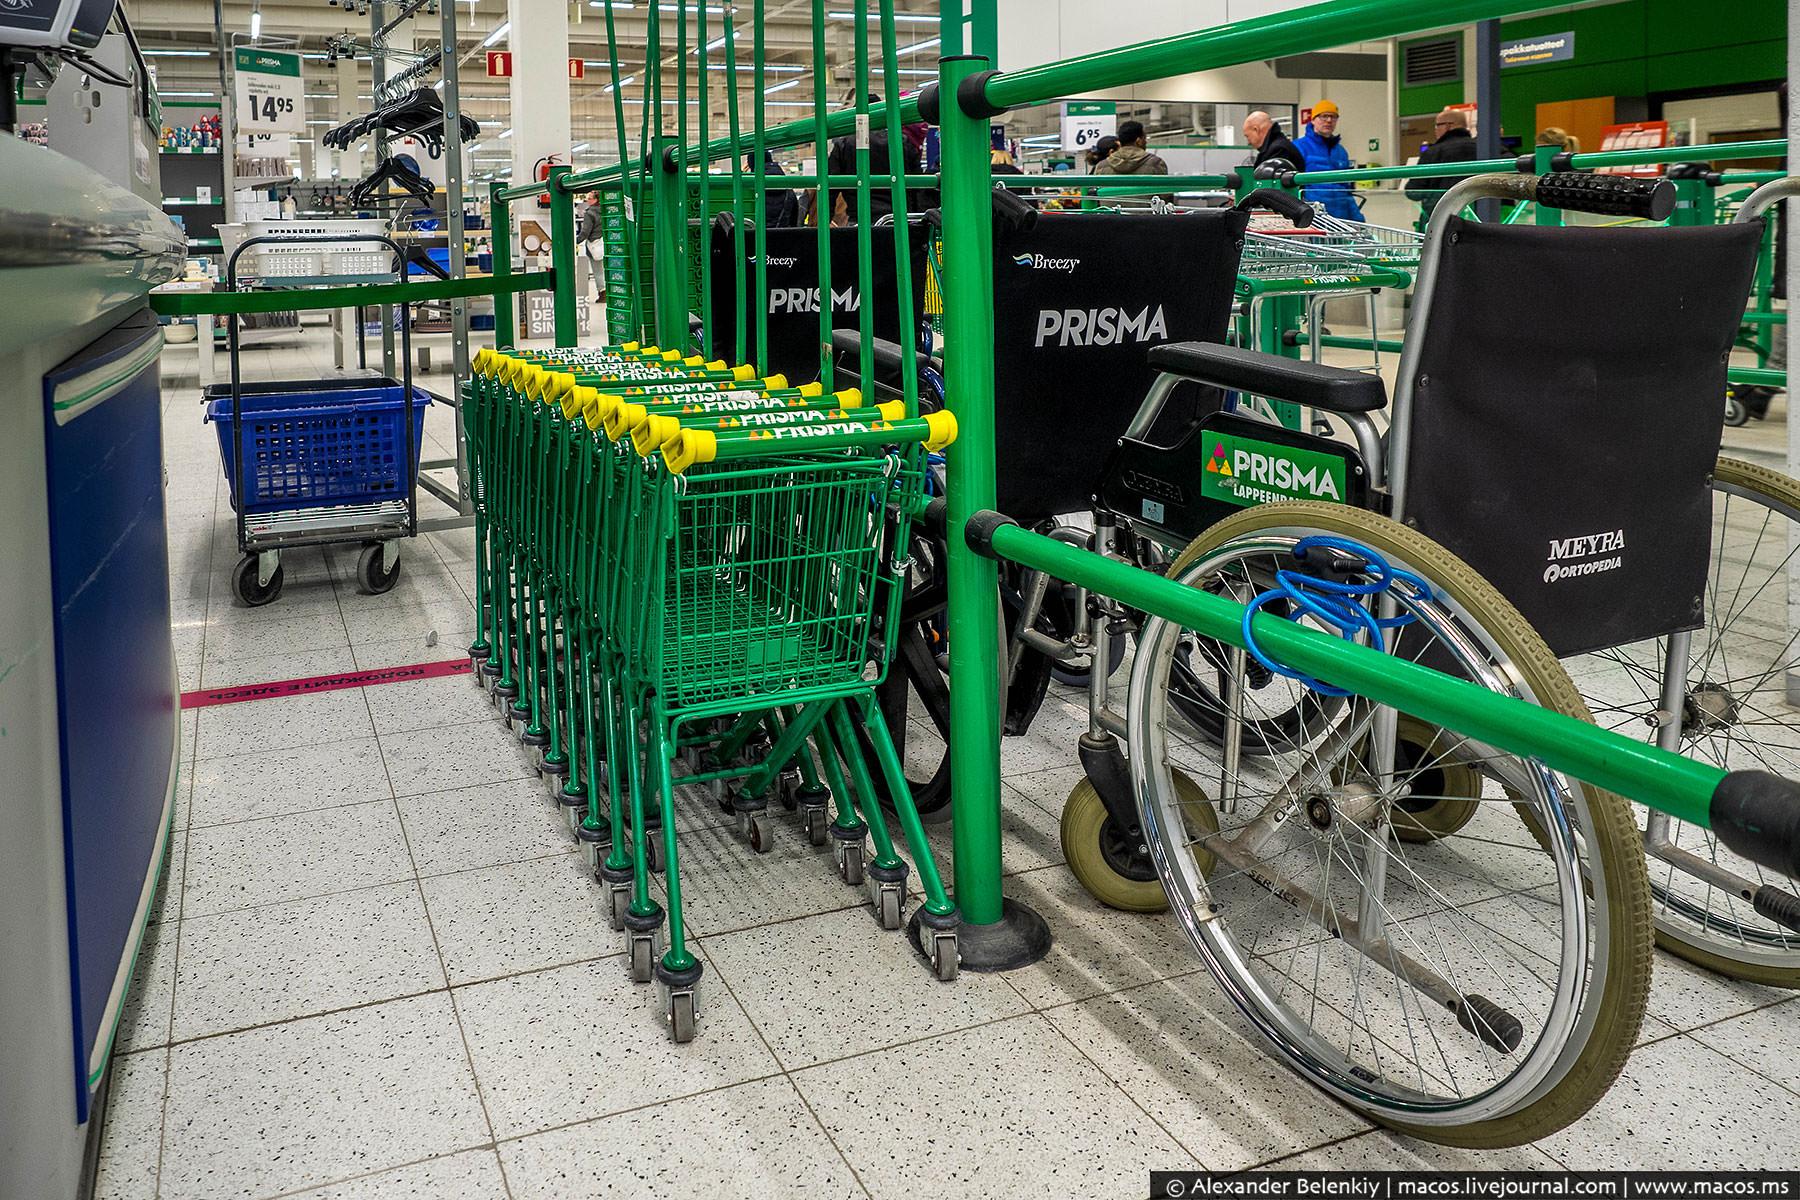 Для удобства покупателей есть детские тележки и инвалидные кресла. Если вы приехали в магазин с пожи